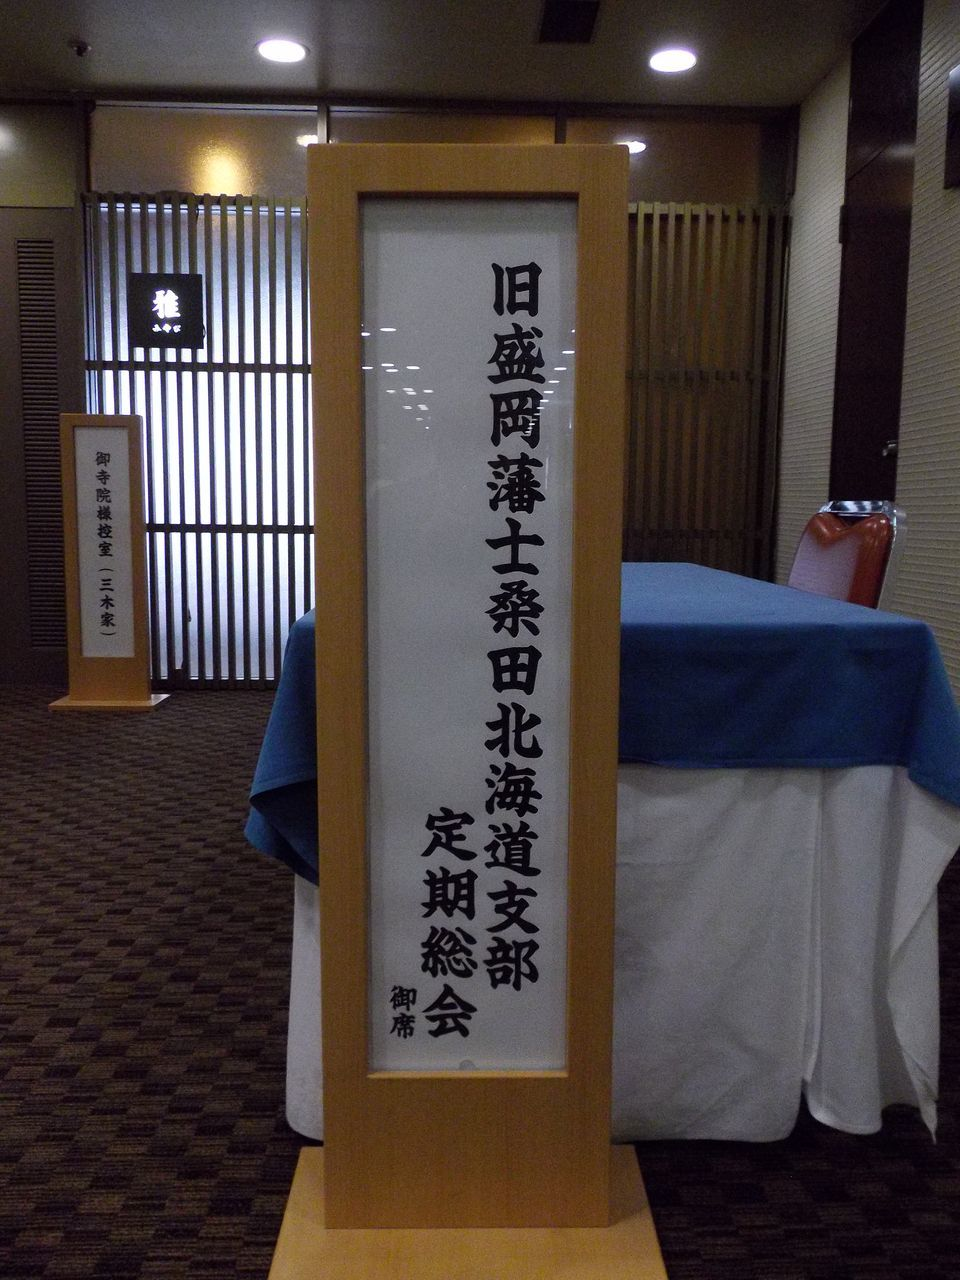 全学大停電と旧盛岡藩士桑田の会北海道支部総会_c0025115_22130080.jpg